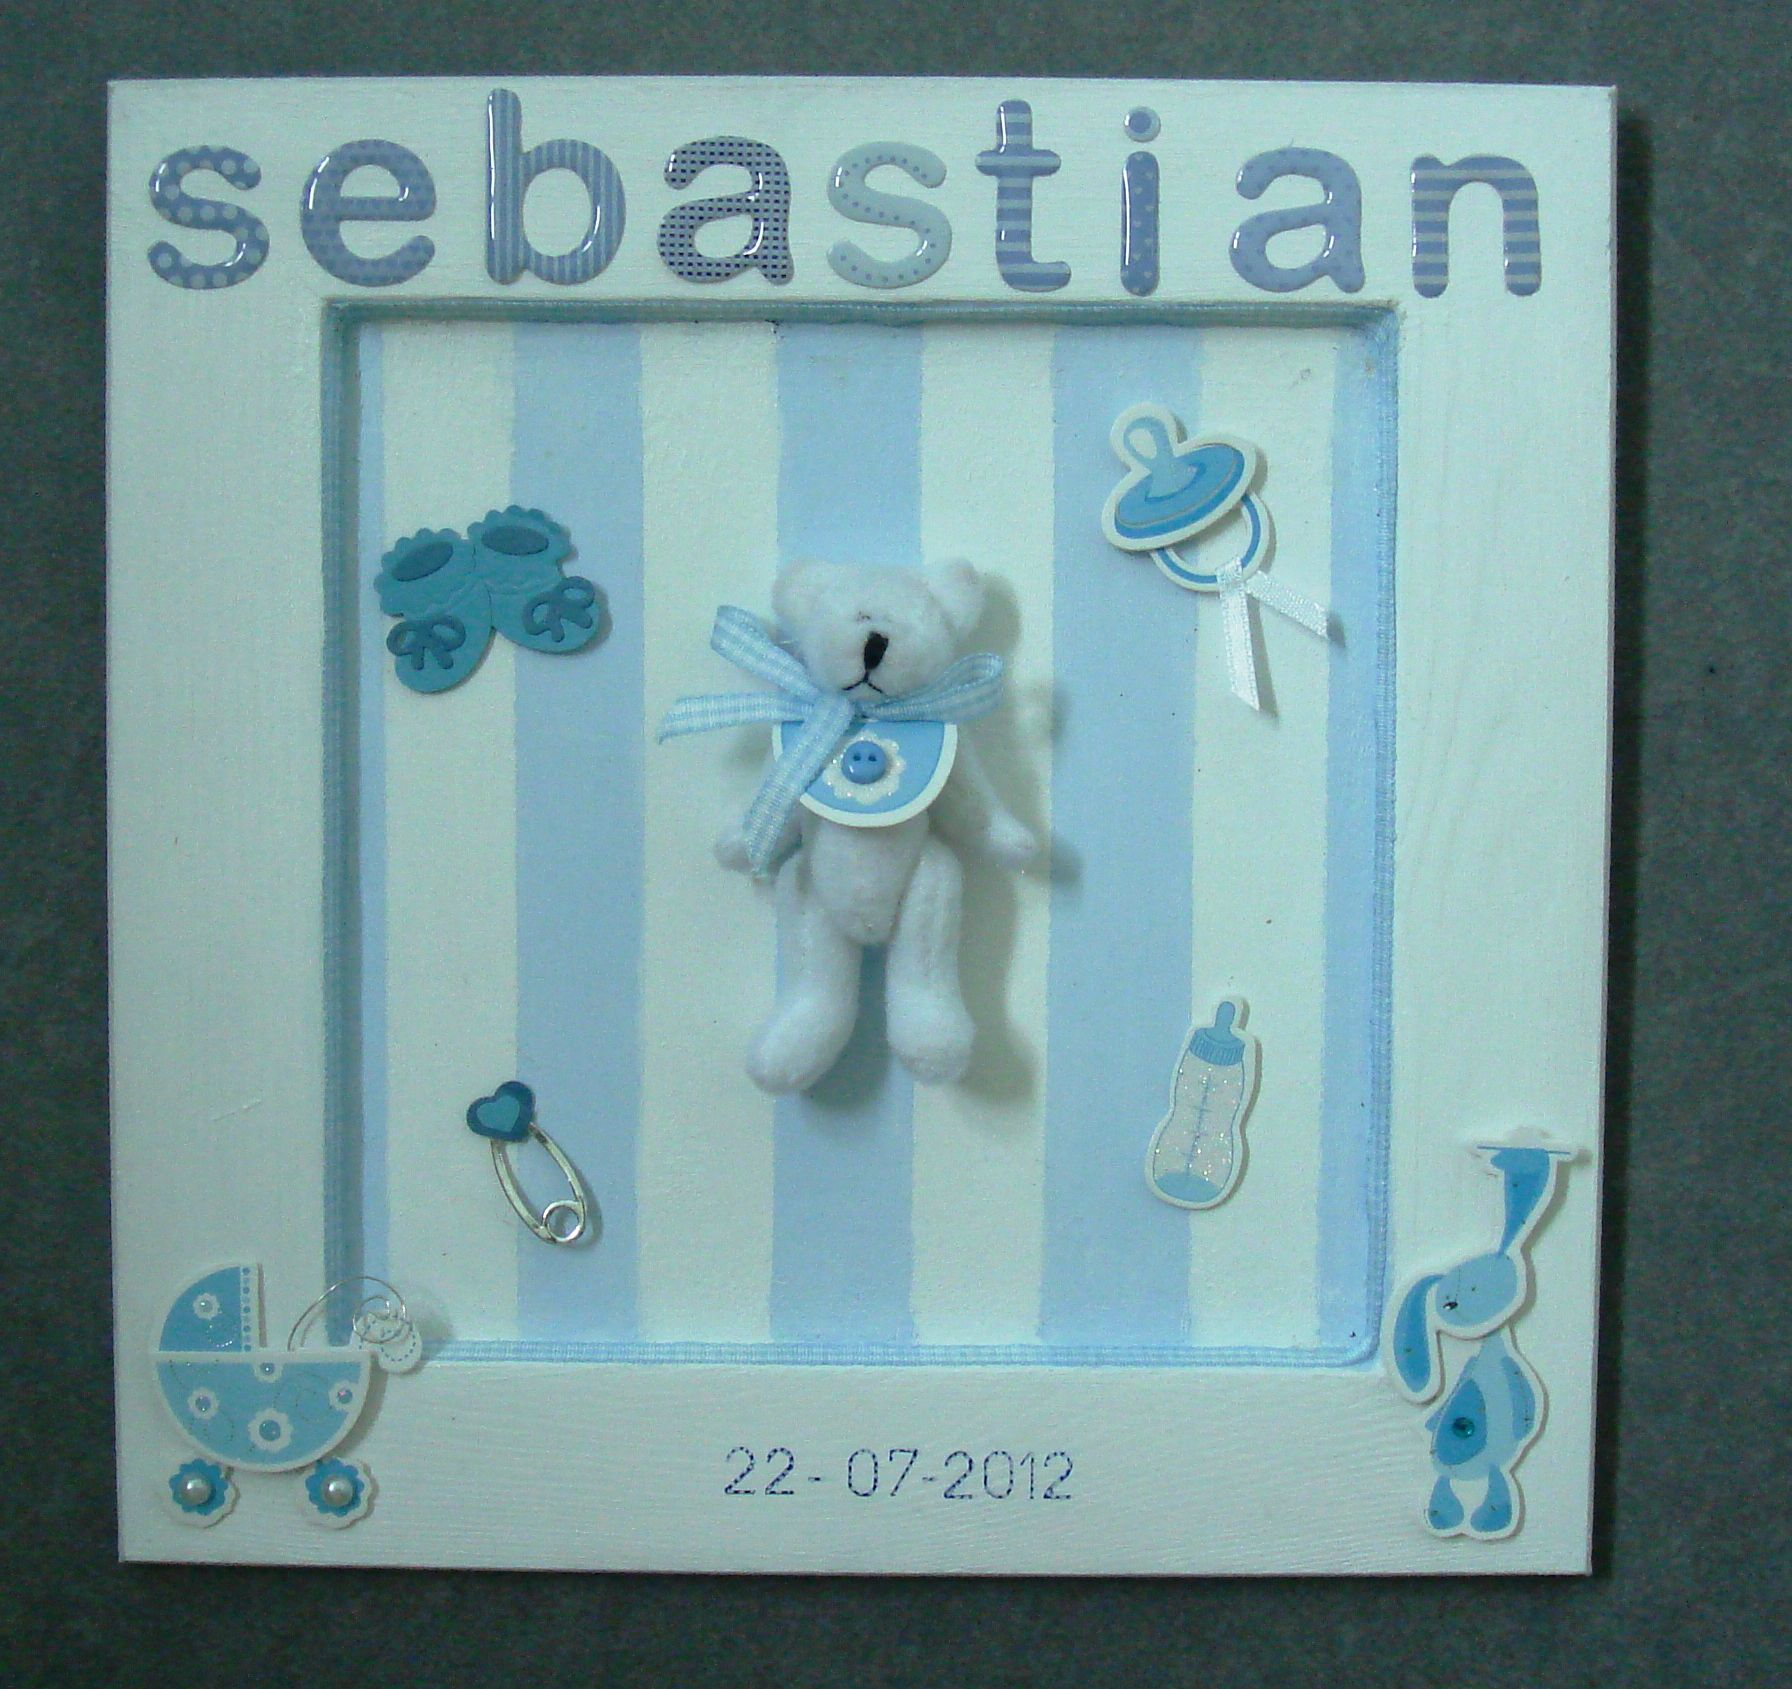 19 - Sebastian